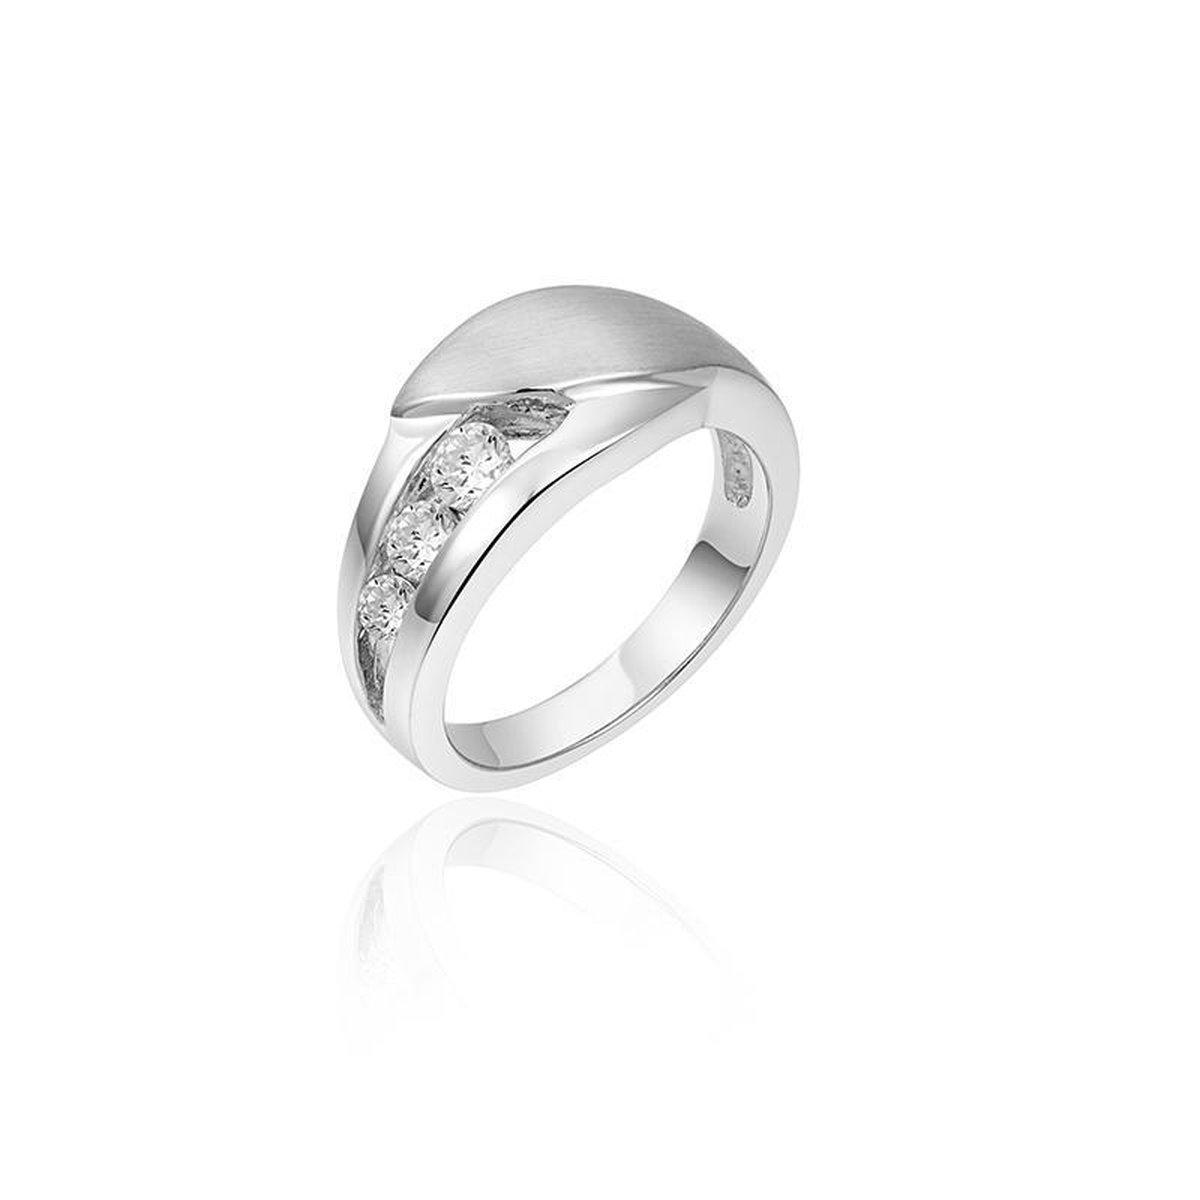 Jewels Inc. - Ring - Fantasie gezet met Zirkonia Stenen - 9mm Breed - Maat 58 - Gerhodineerd Zilver 925